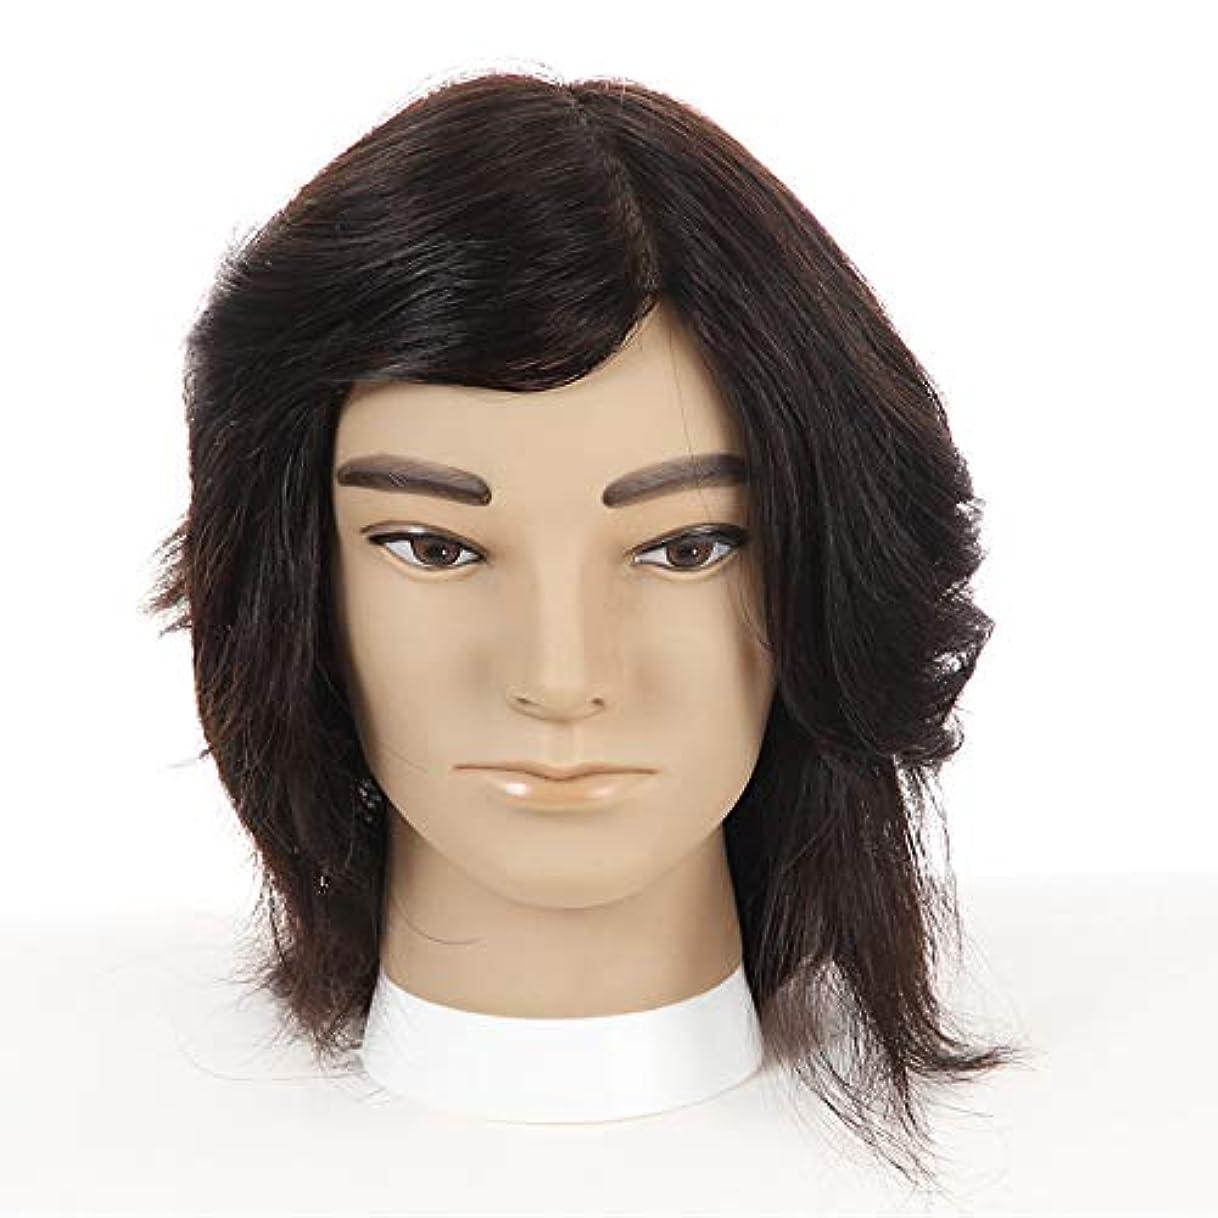 おんどり地理篭リアルヘアヘアスタイリングマネキンヘッド男性ヘッドモデル教育ヘッド理髪店編組ヘア染色学習ダミーヘッド